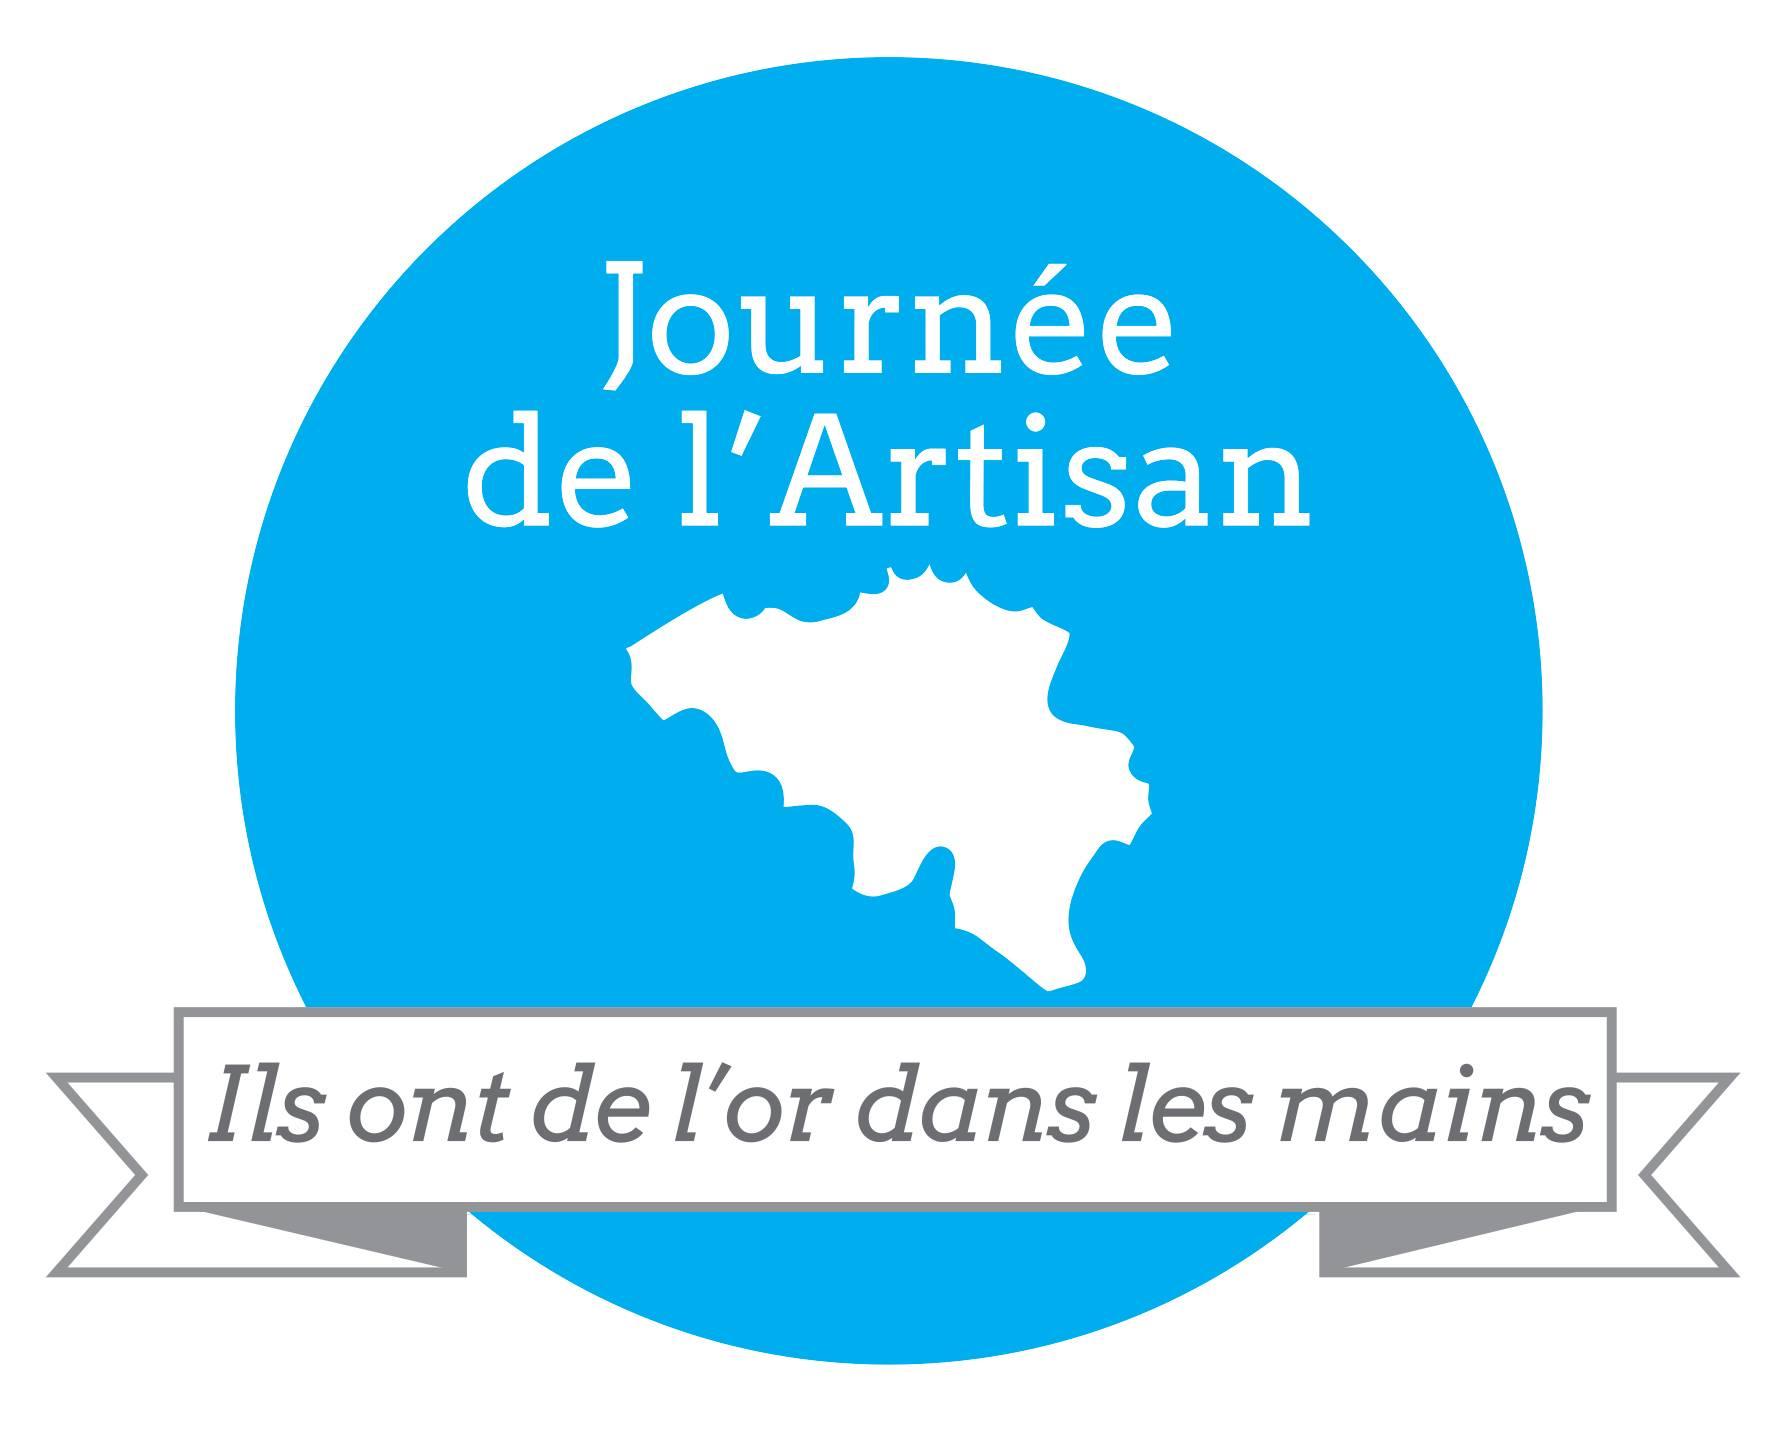 Journée de l'artisan 2017 web